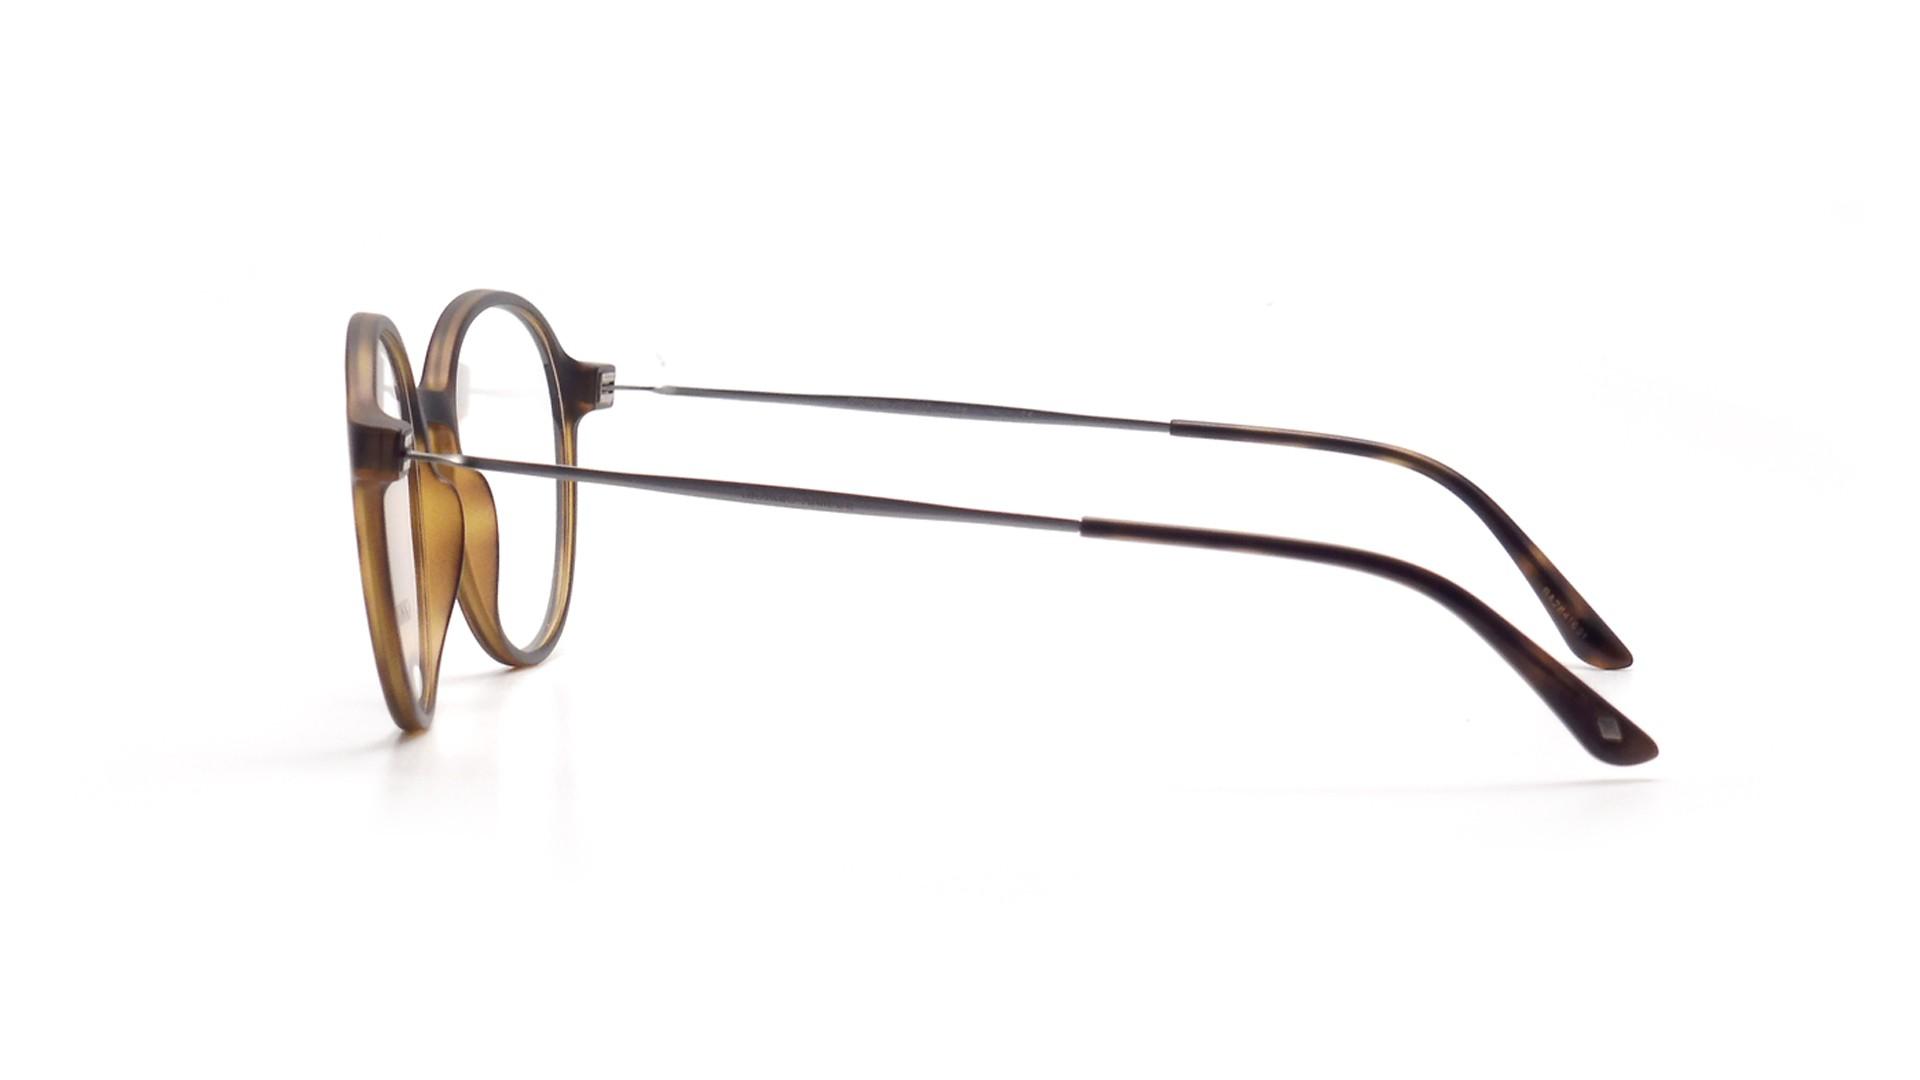 Giorgio Armani Glasses Frames Of Life : Giorgio Armani Frames of Life Tortoise AR7071 5089 49-19 ...